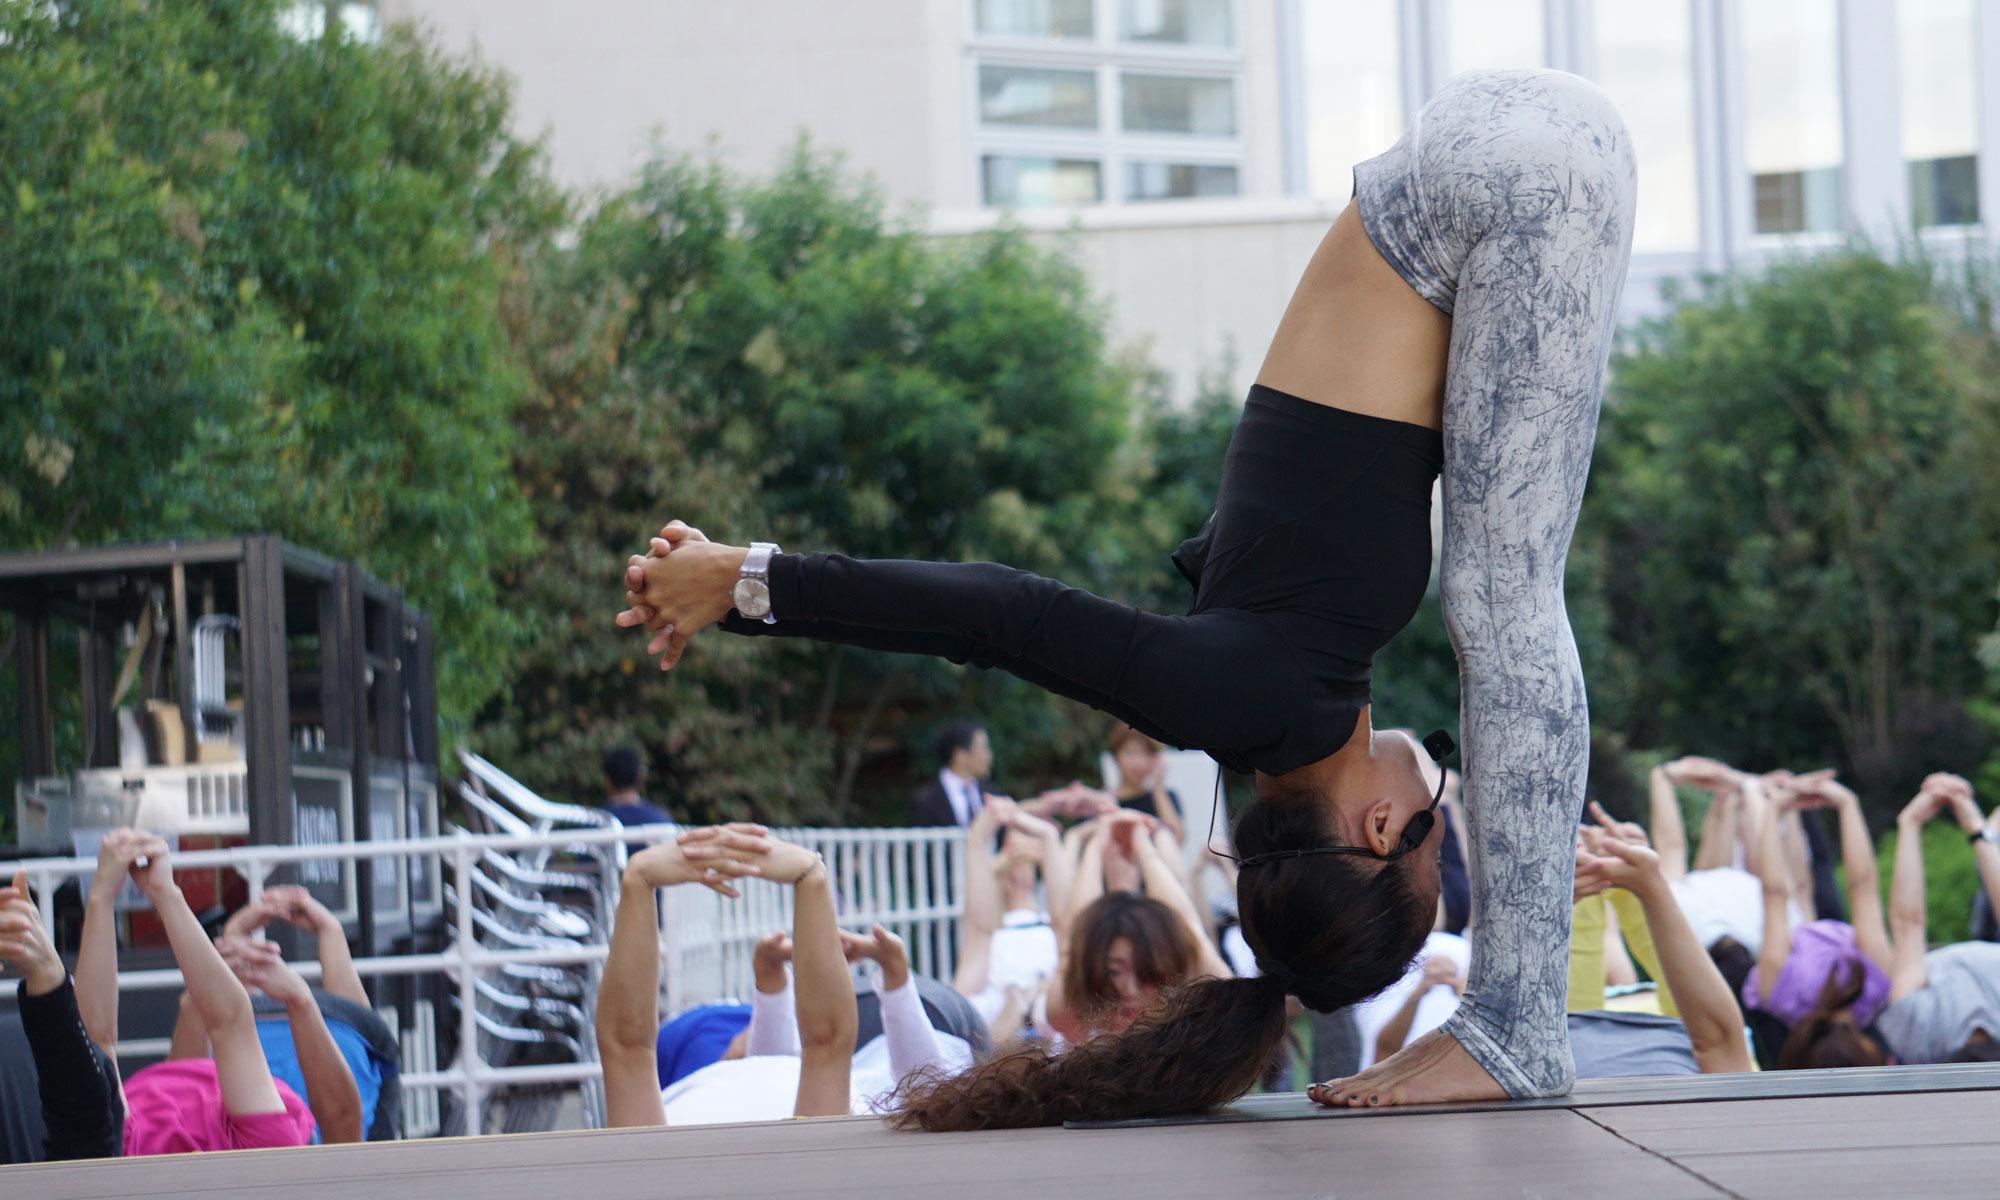 ヨガフェスタ 阪急 2018 秋|Yogafest Hankyu 2018 Autumn